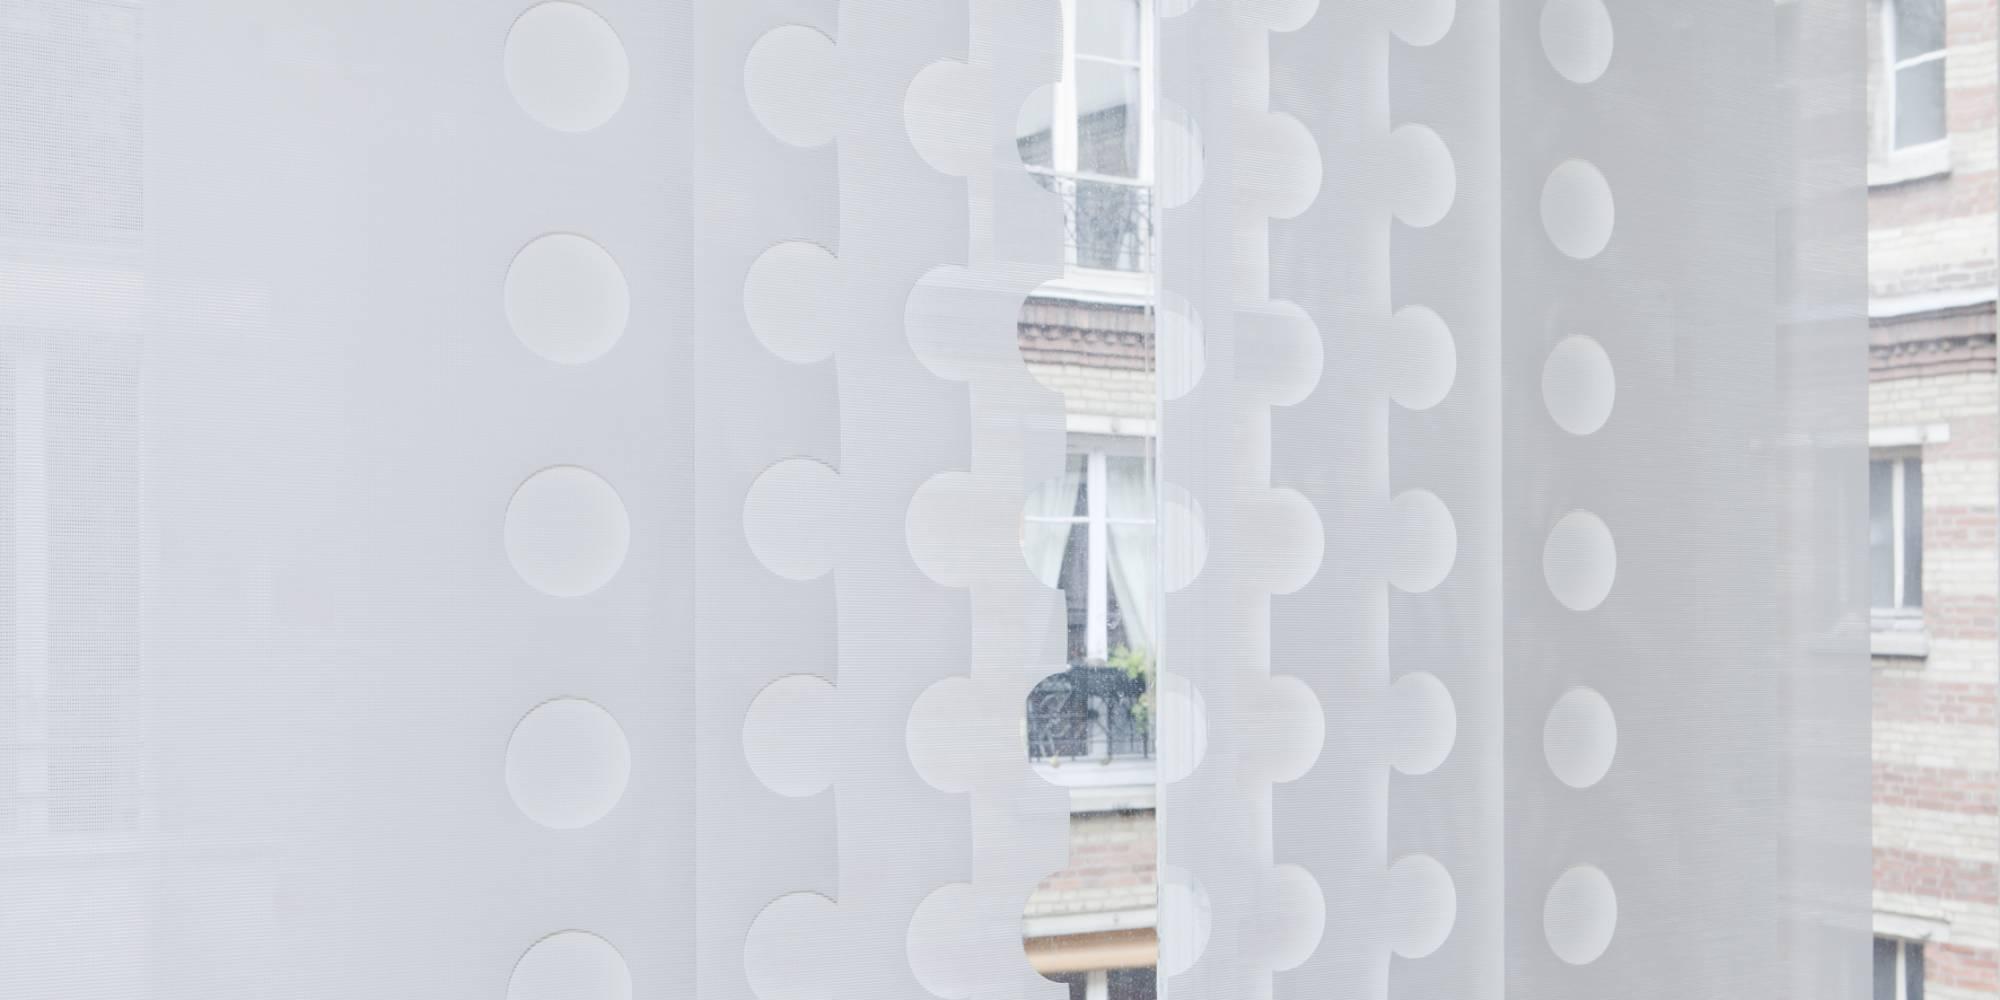 """Zoom : dessin """"le cahier"""" sur panneaux écrans solaire en habillage de fenêtre"""